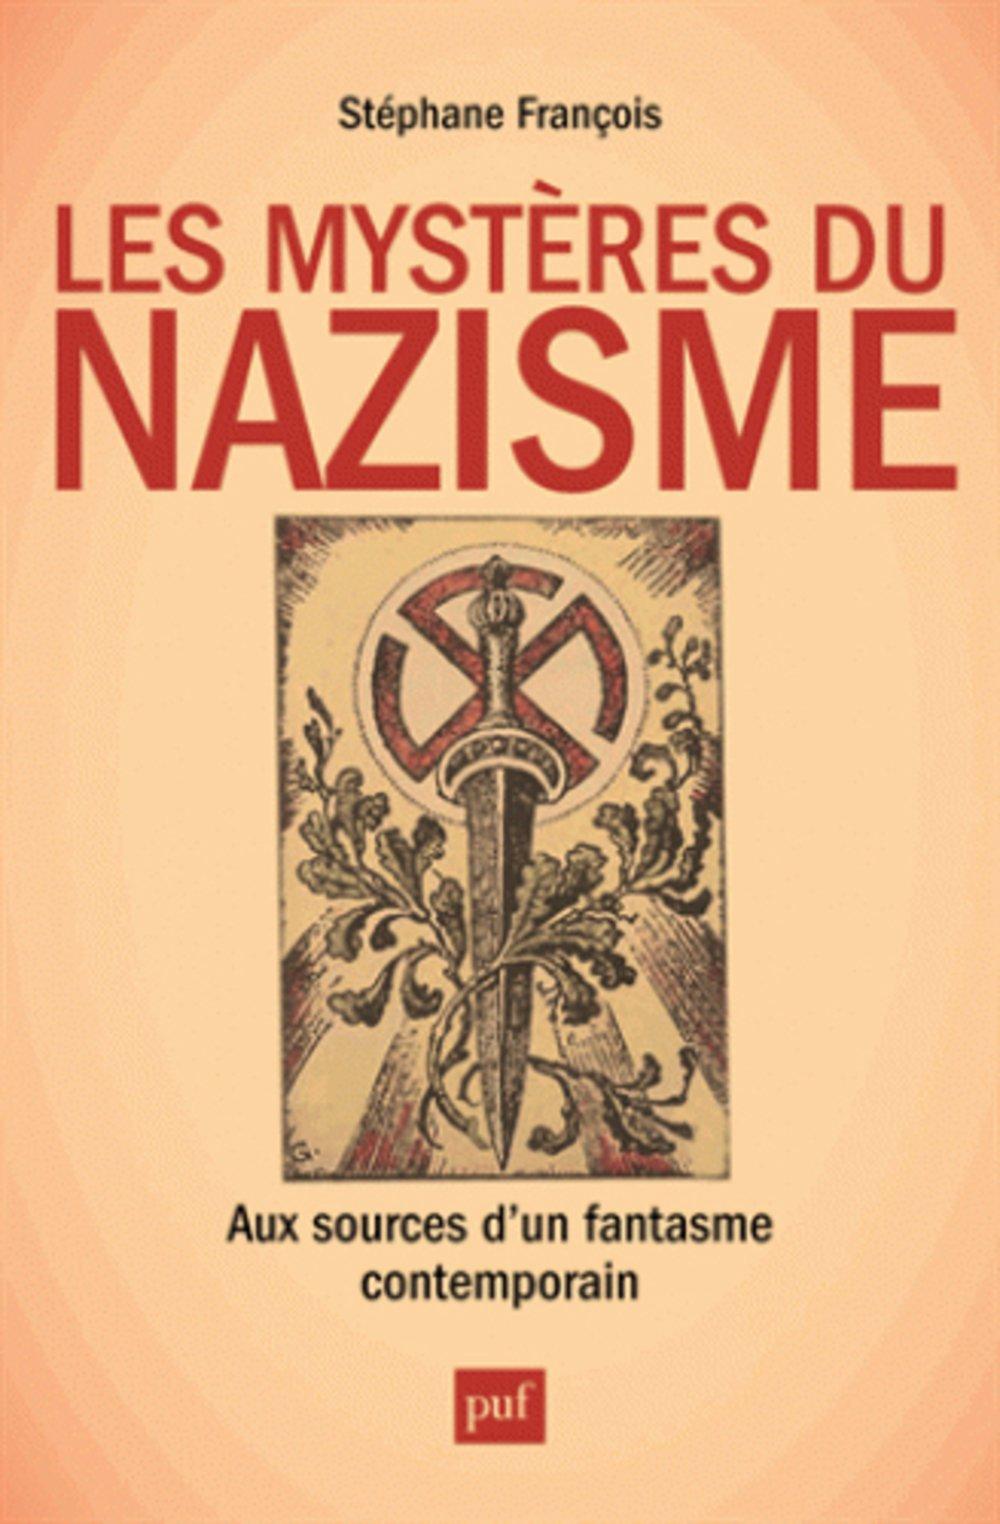 Les mystères du nazisme